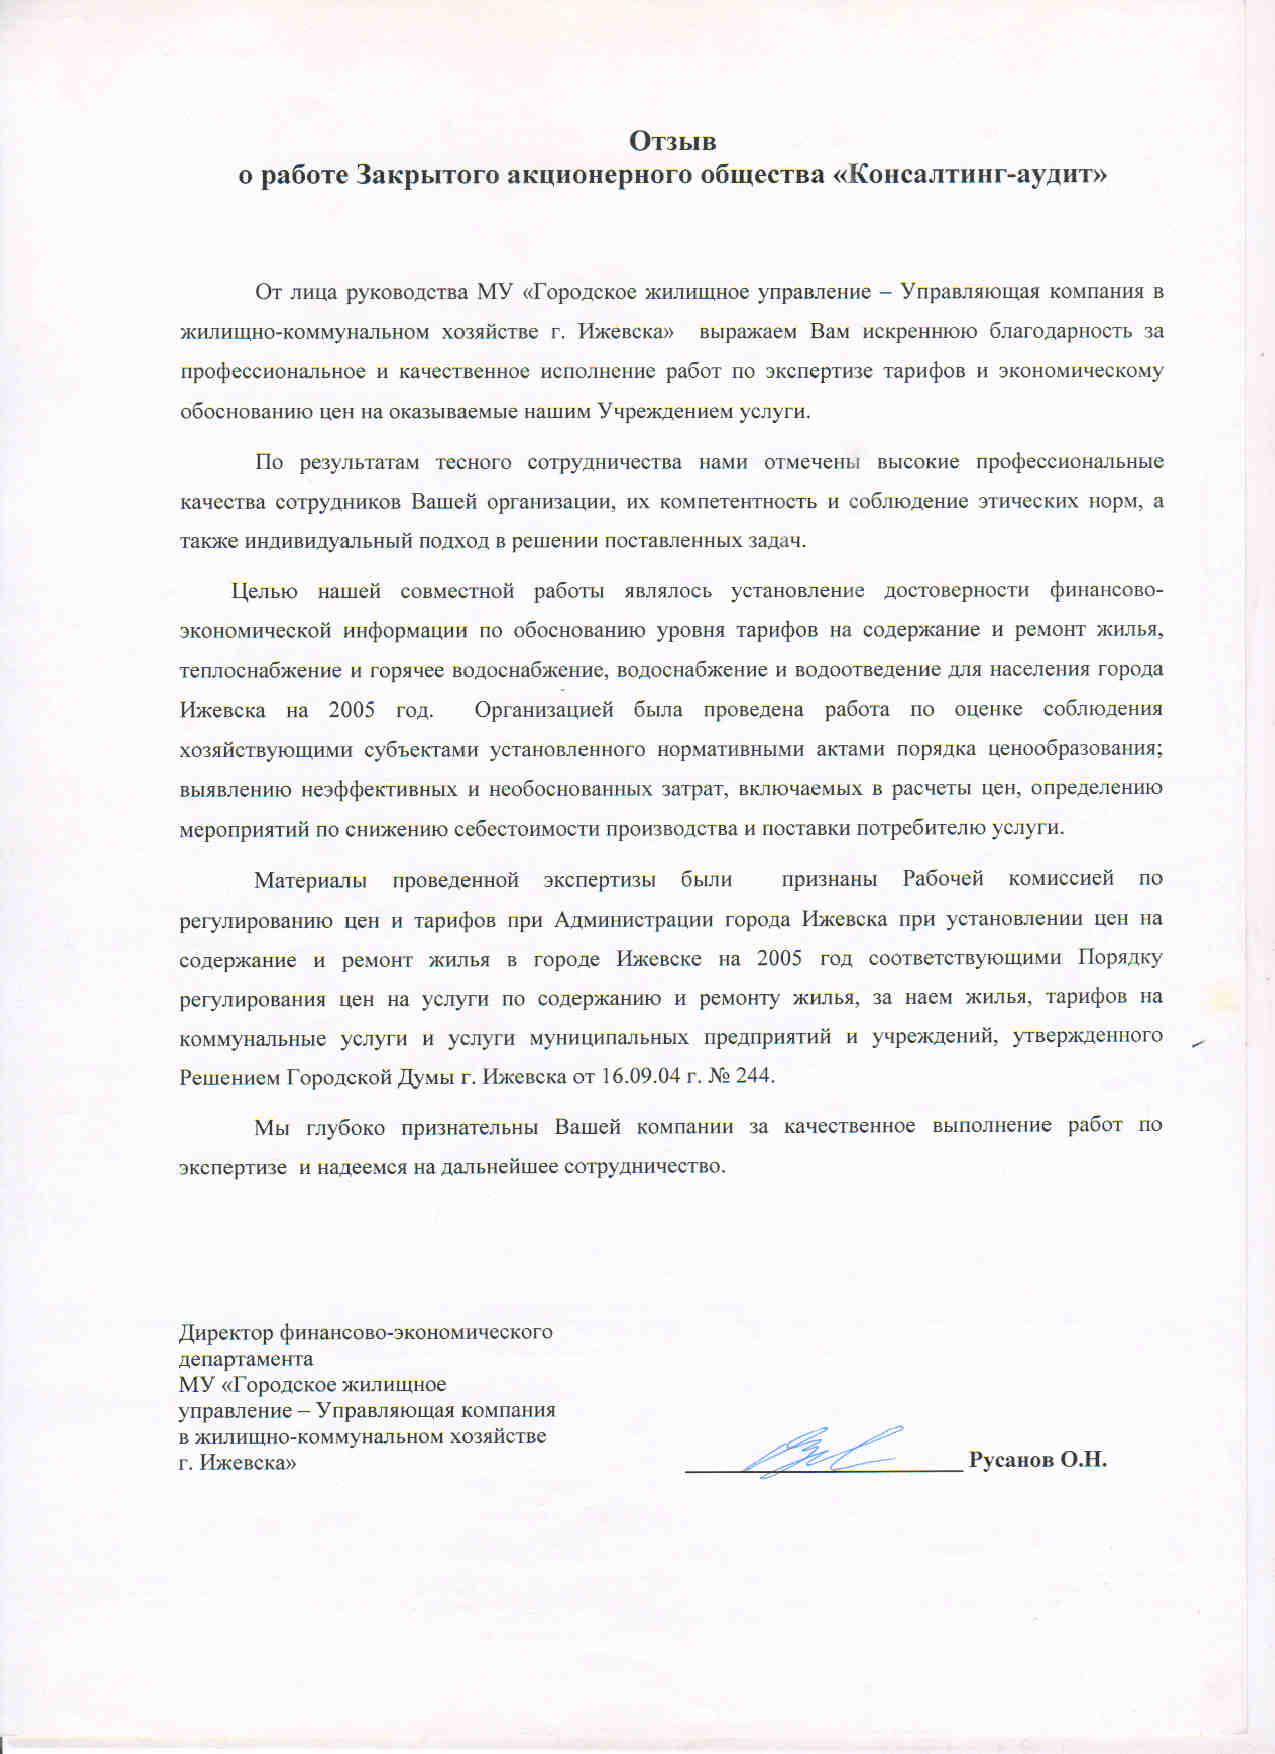 Отзыв МУ ГЖУ - УК в ЖКХ_2005